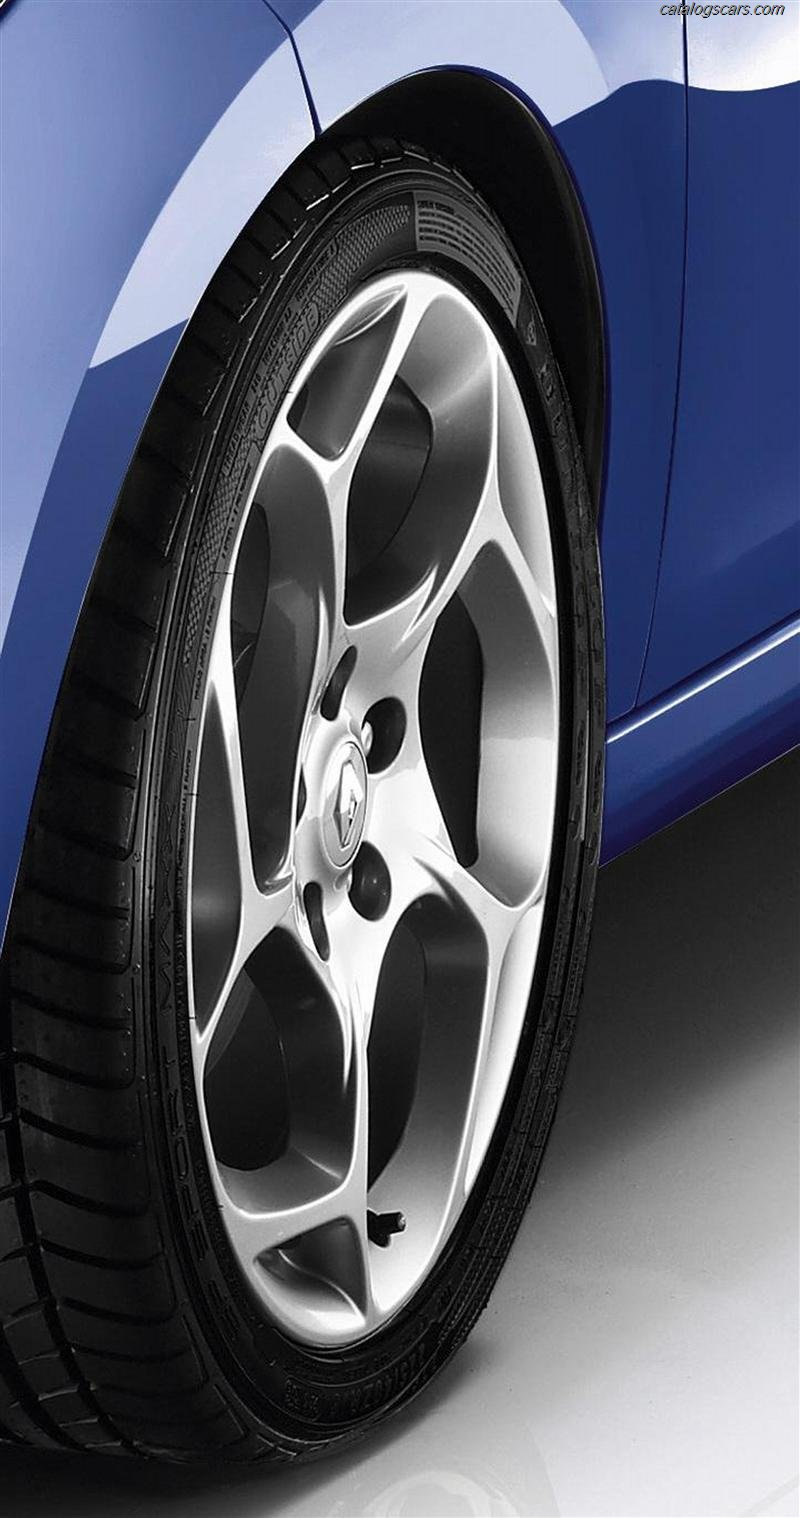 صور سيارة رينو ميجان كوبيه 2014 - اجمل خلفيات صور عربية رينو ميجان كوبيه 2014 - Renault Megane Coupe Photos Renault-Megane-Coupe-2011-15.jpg